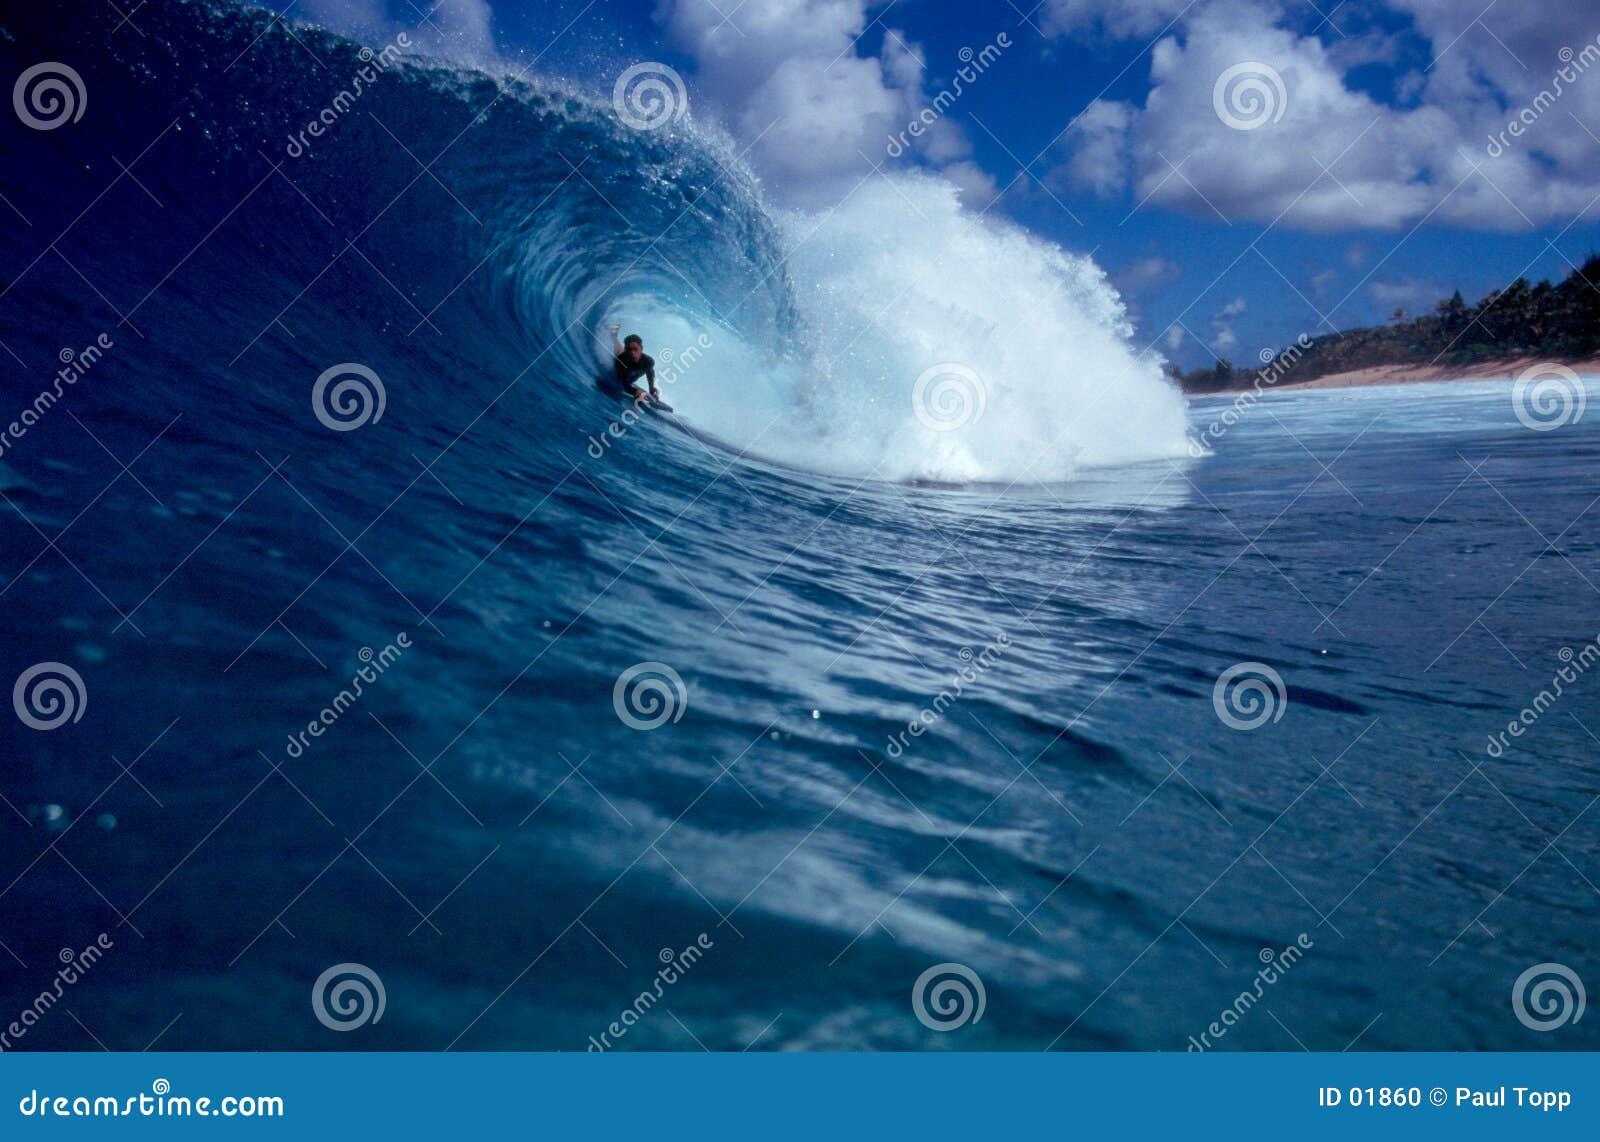 μεγάλο μπλε κύμα σωλήνων σερφ bodyboarder